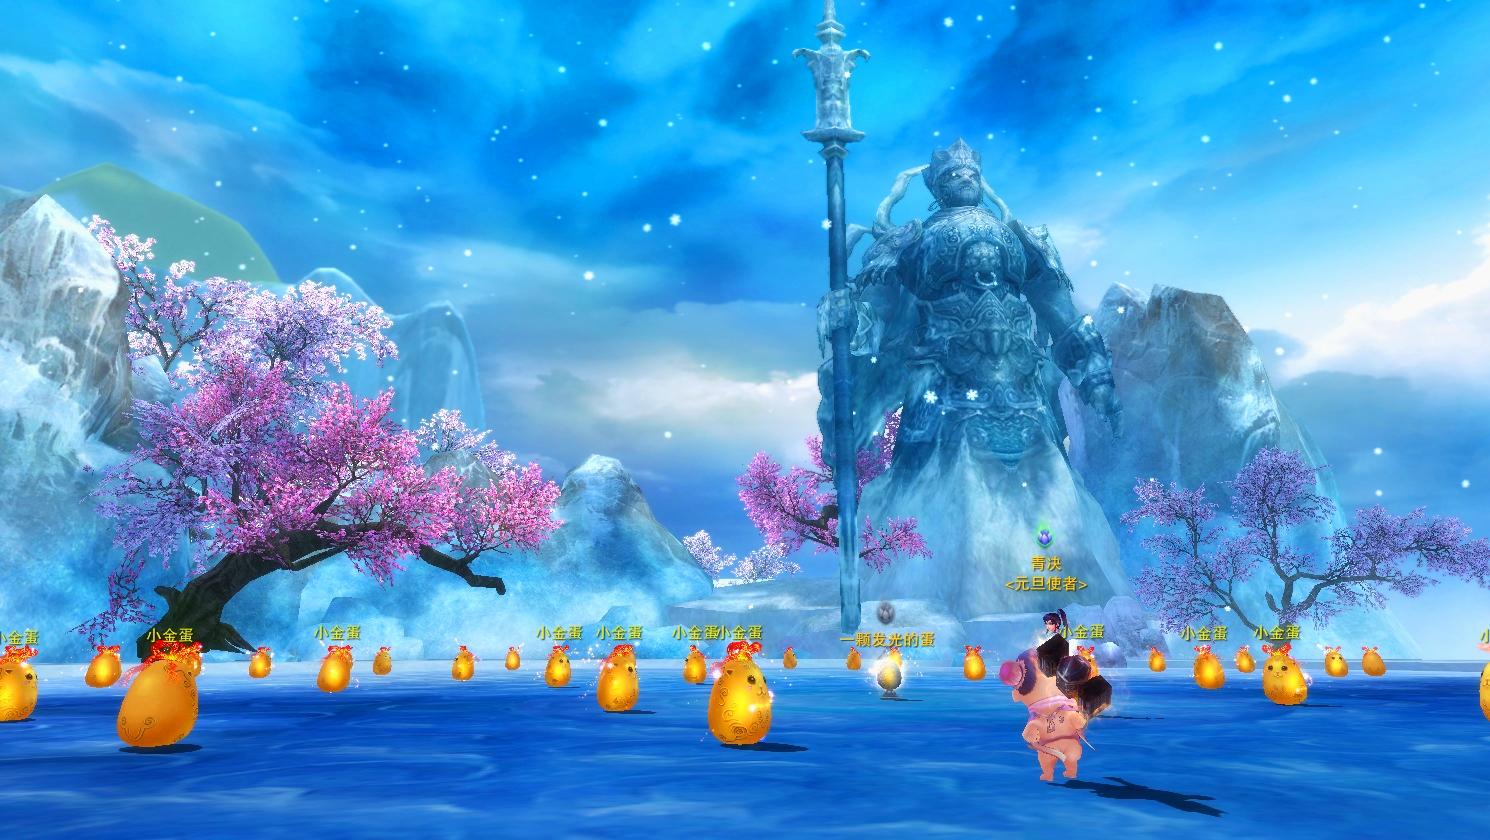 图片: 雪儿坛内.jpg